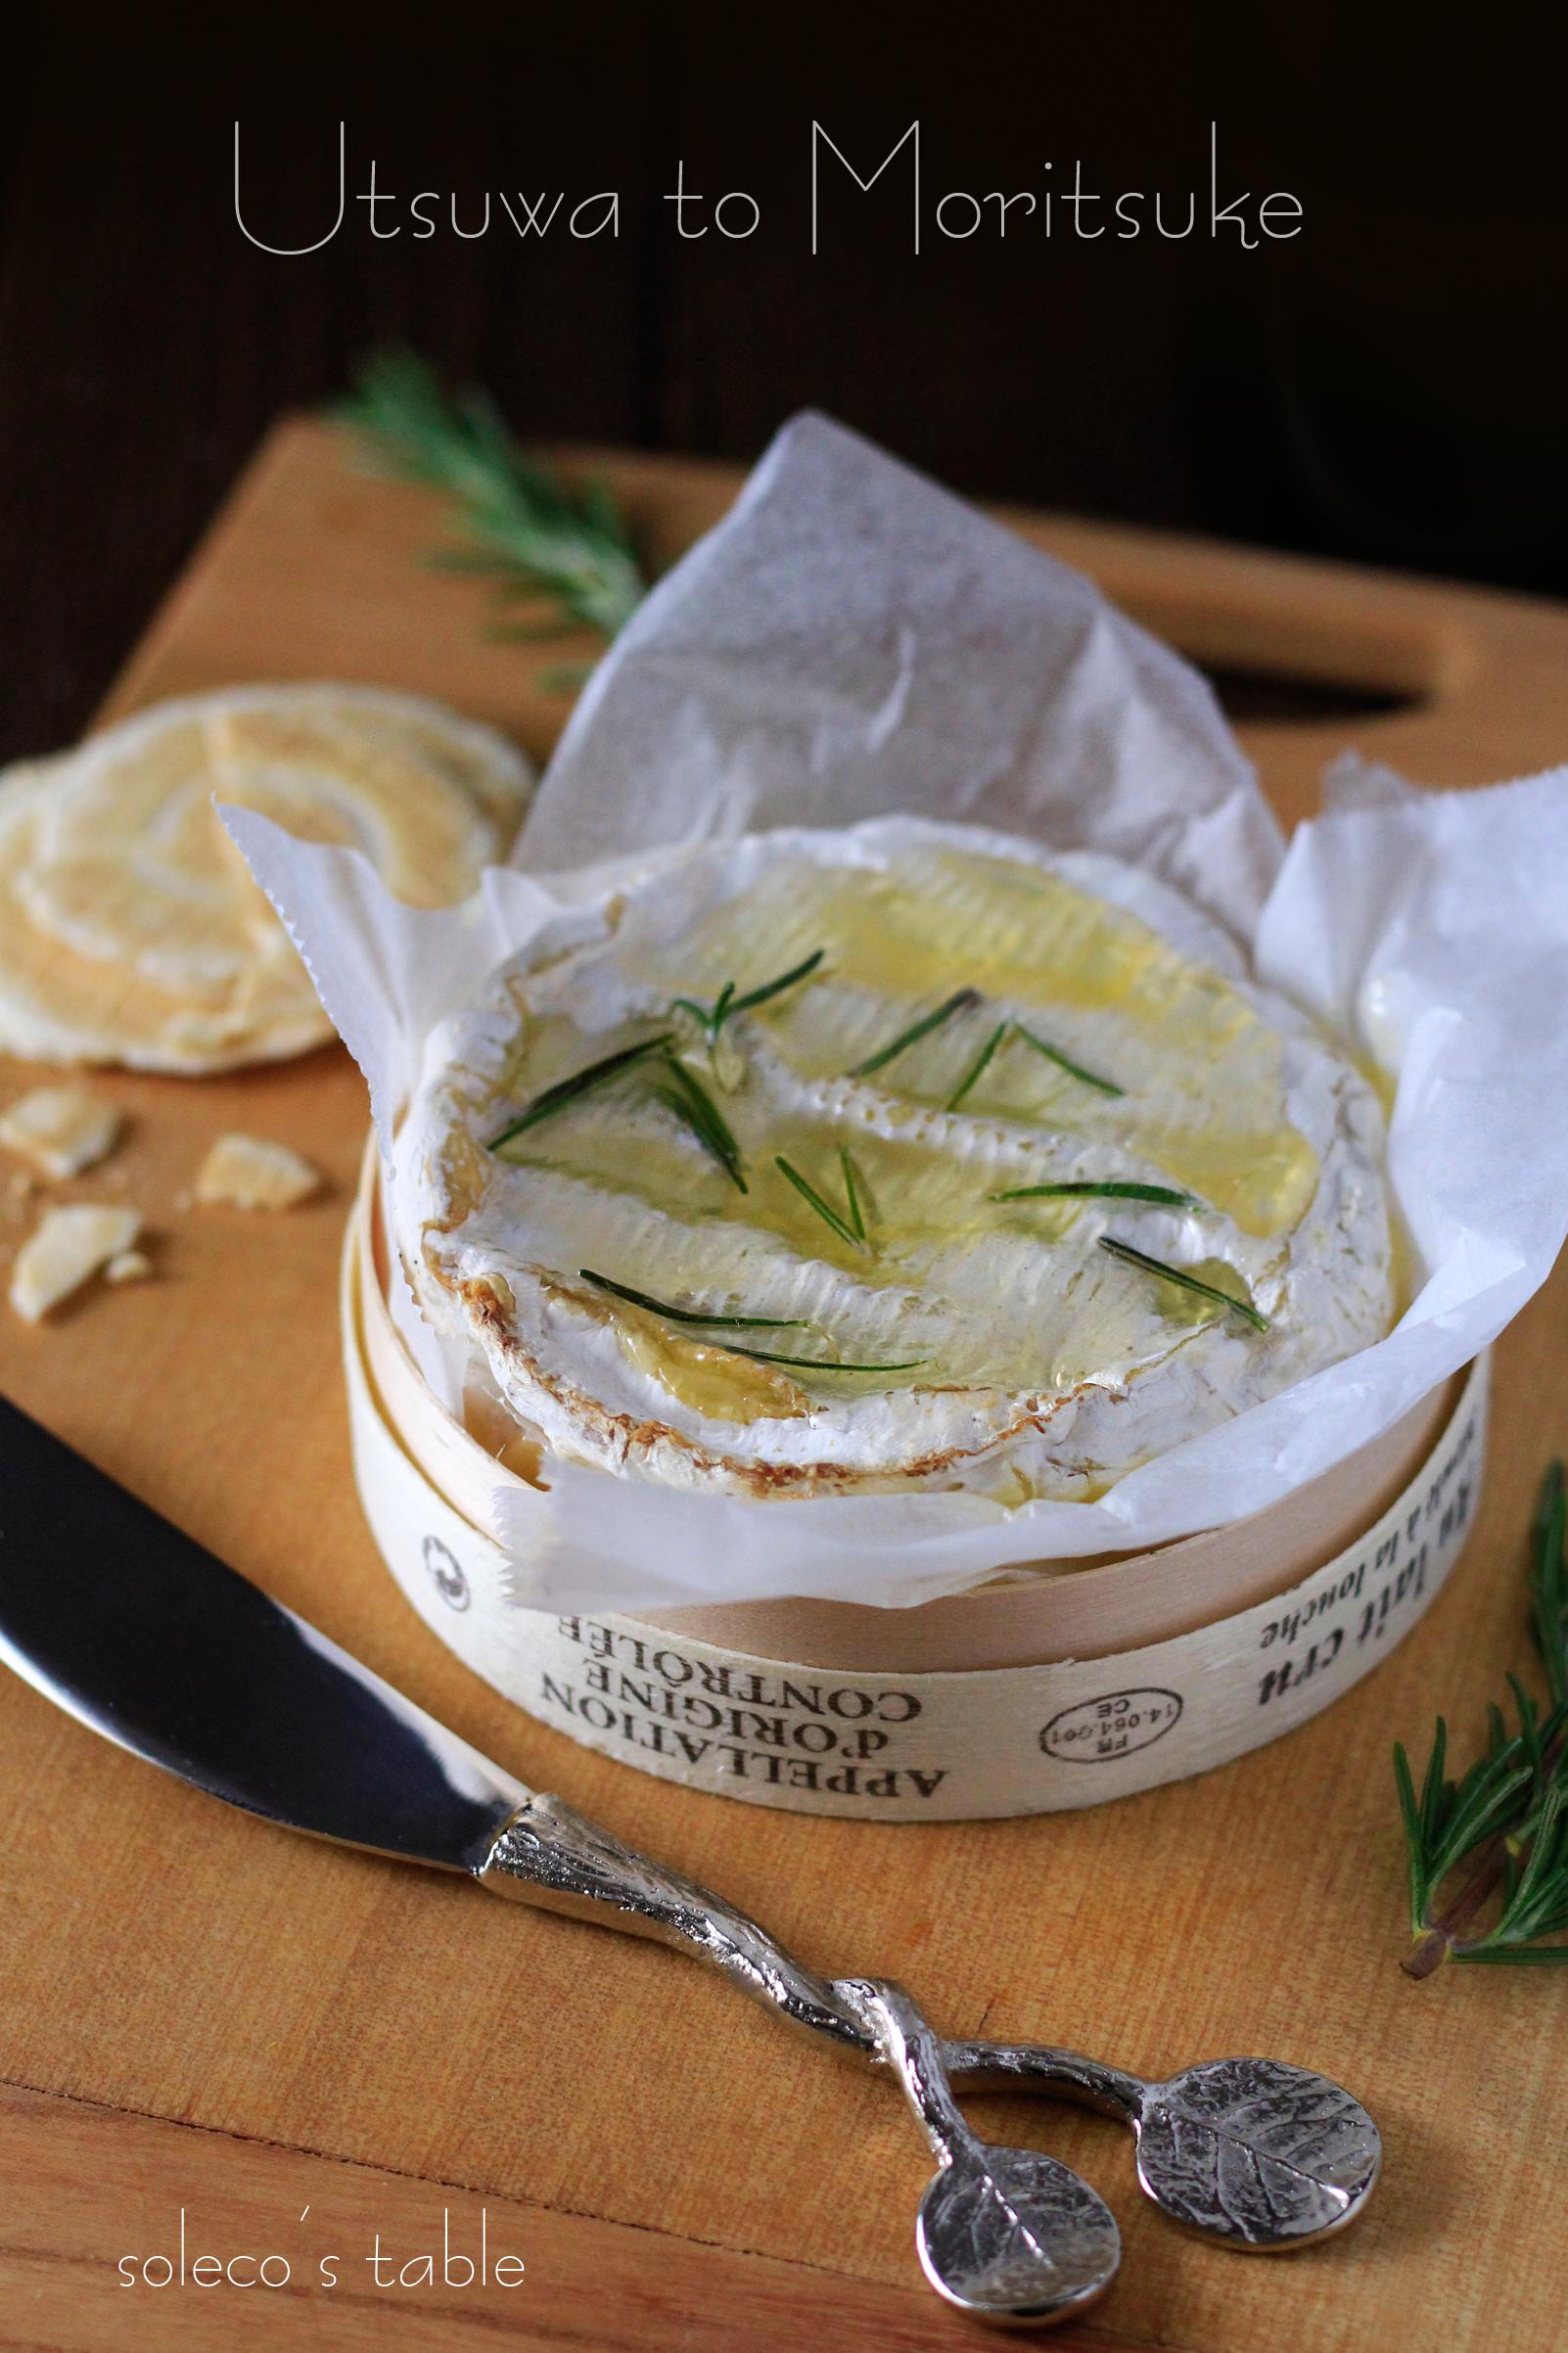 焼きカマンベールをマイケルアラムのチーズナイフで